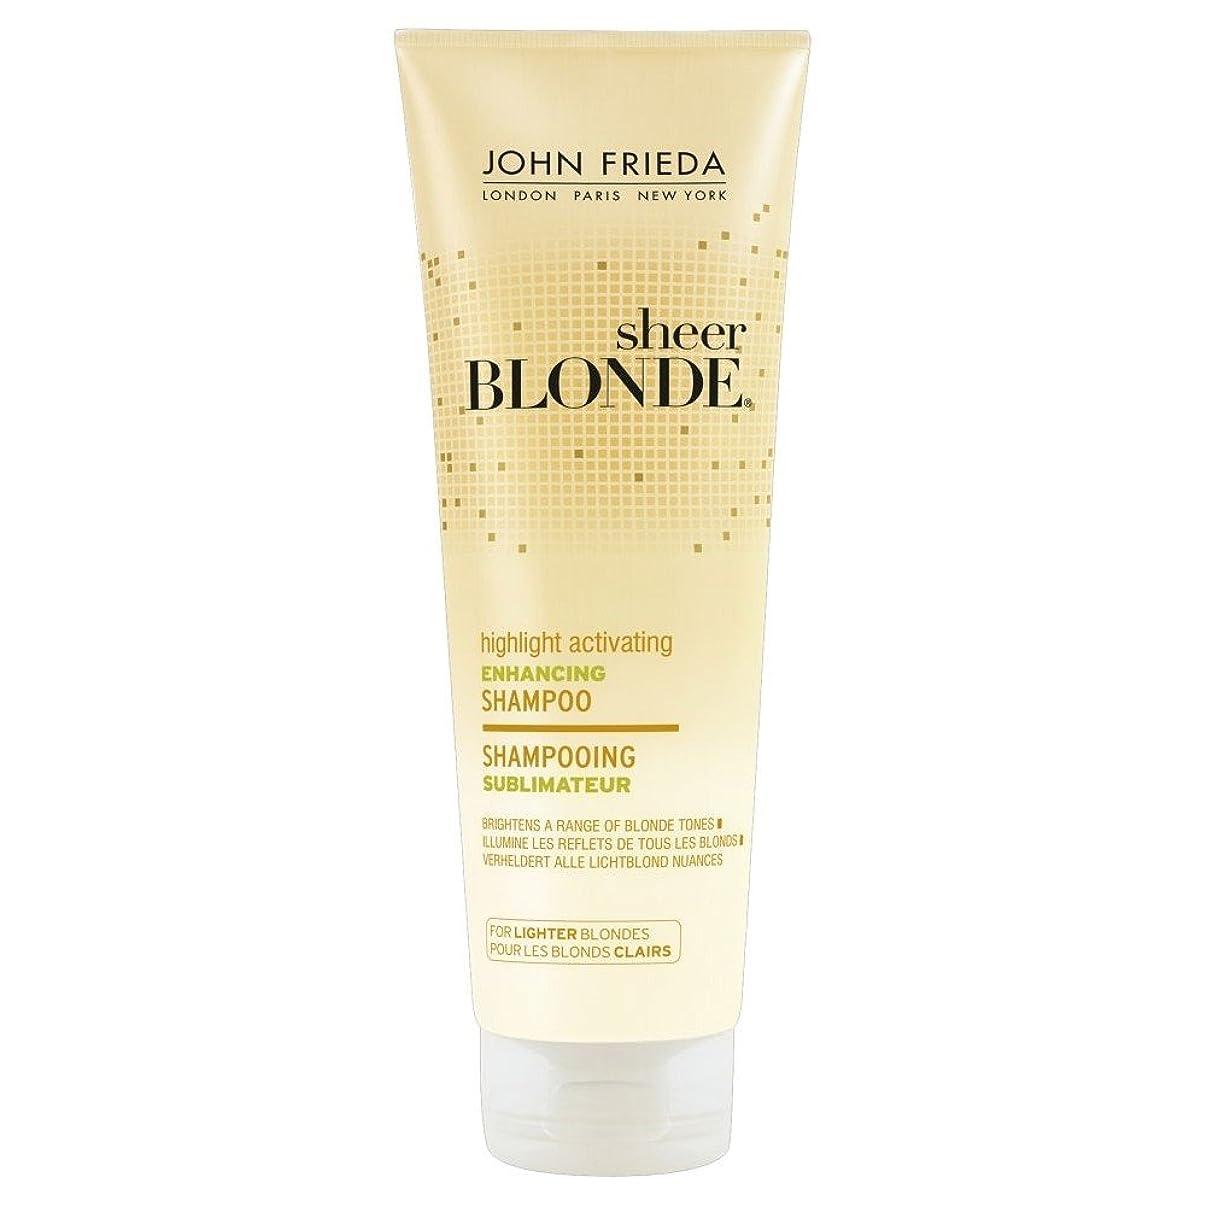 わかりやすいカテナシングルJohn Frieda Sheer Blonde Enhancing Shampoo for Lighter Blondes (250ml) ジョン?フリーダ軽いブロンドのための膨大なブロンド増強シャンプー( 250ミリリットル) [並行輸入品]